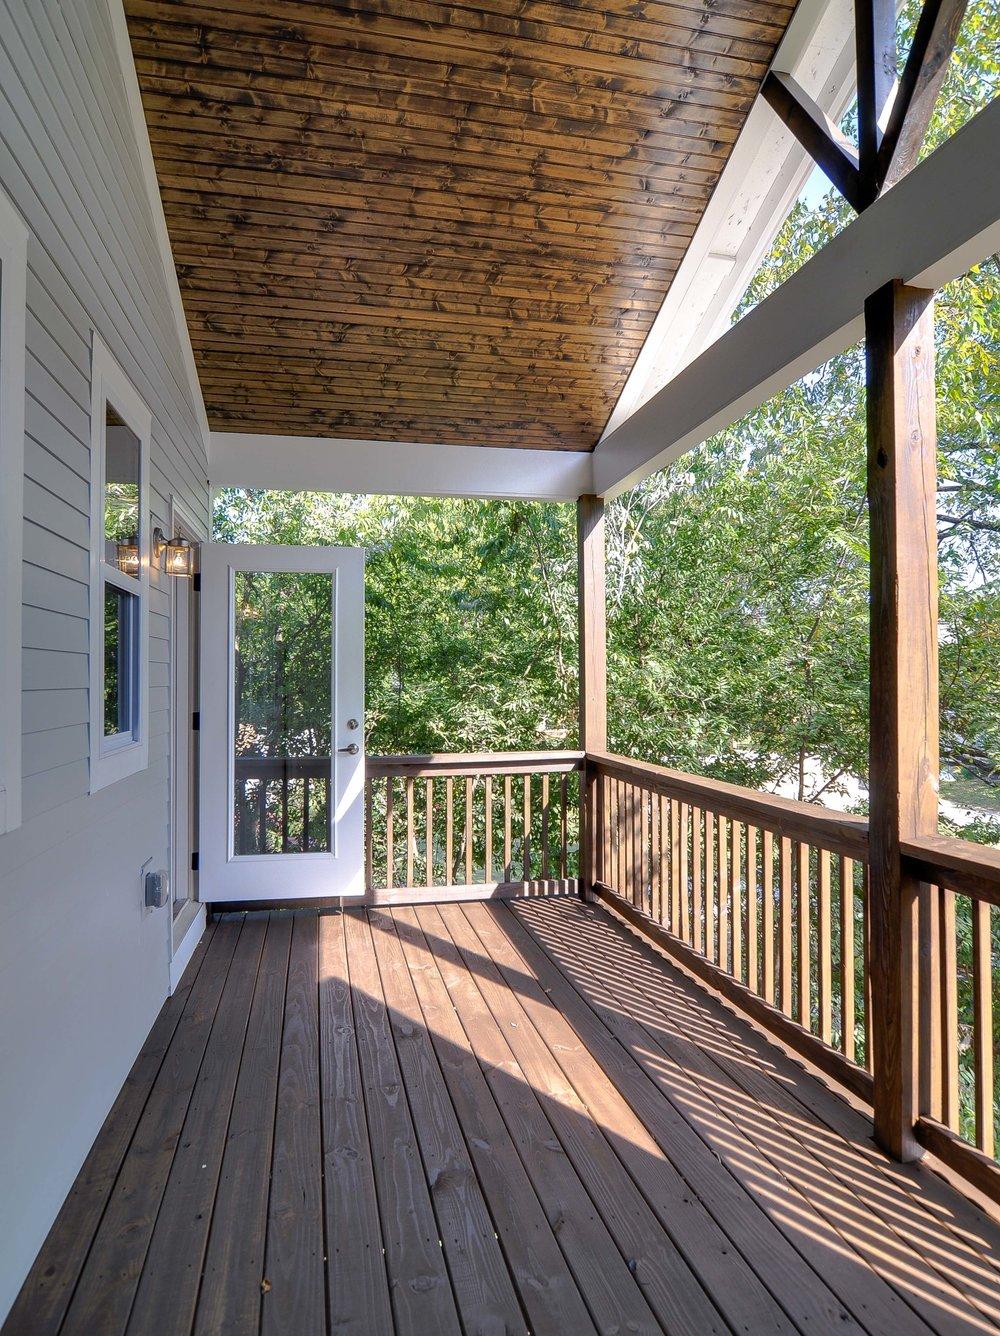 House-Plans-Online-Nashville-Narrow-Deck-Balcony-Wood Slat-Kentucky.jpg